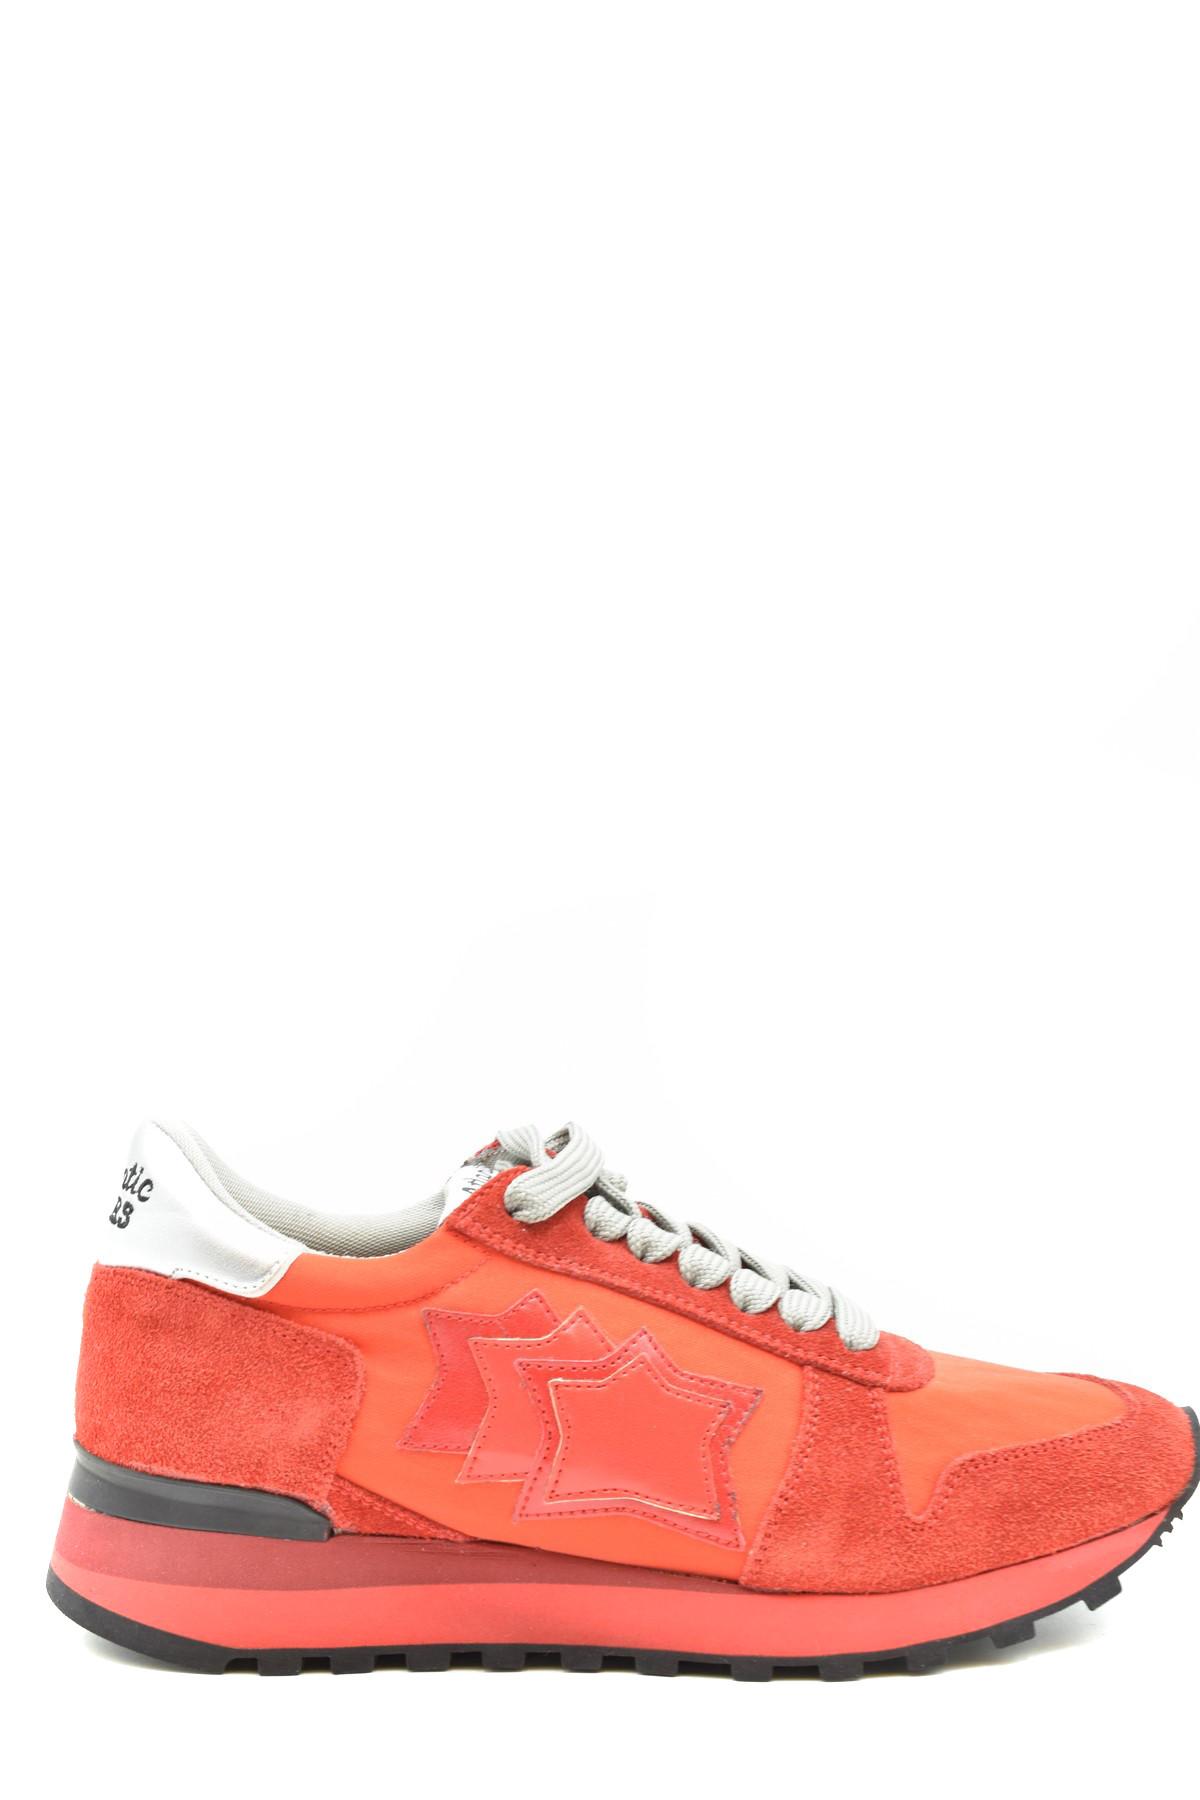 Marchio Atlantic Stars Genere Donna Tipologia Sneakers Stagione Autunno/Inv…